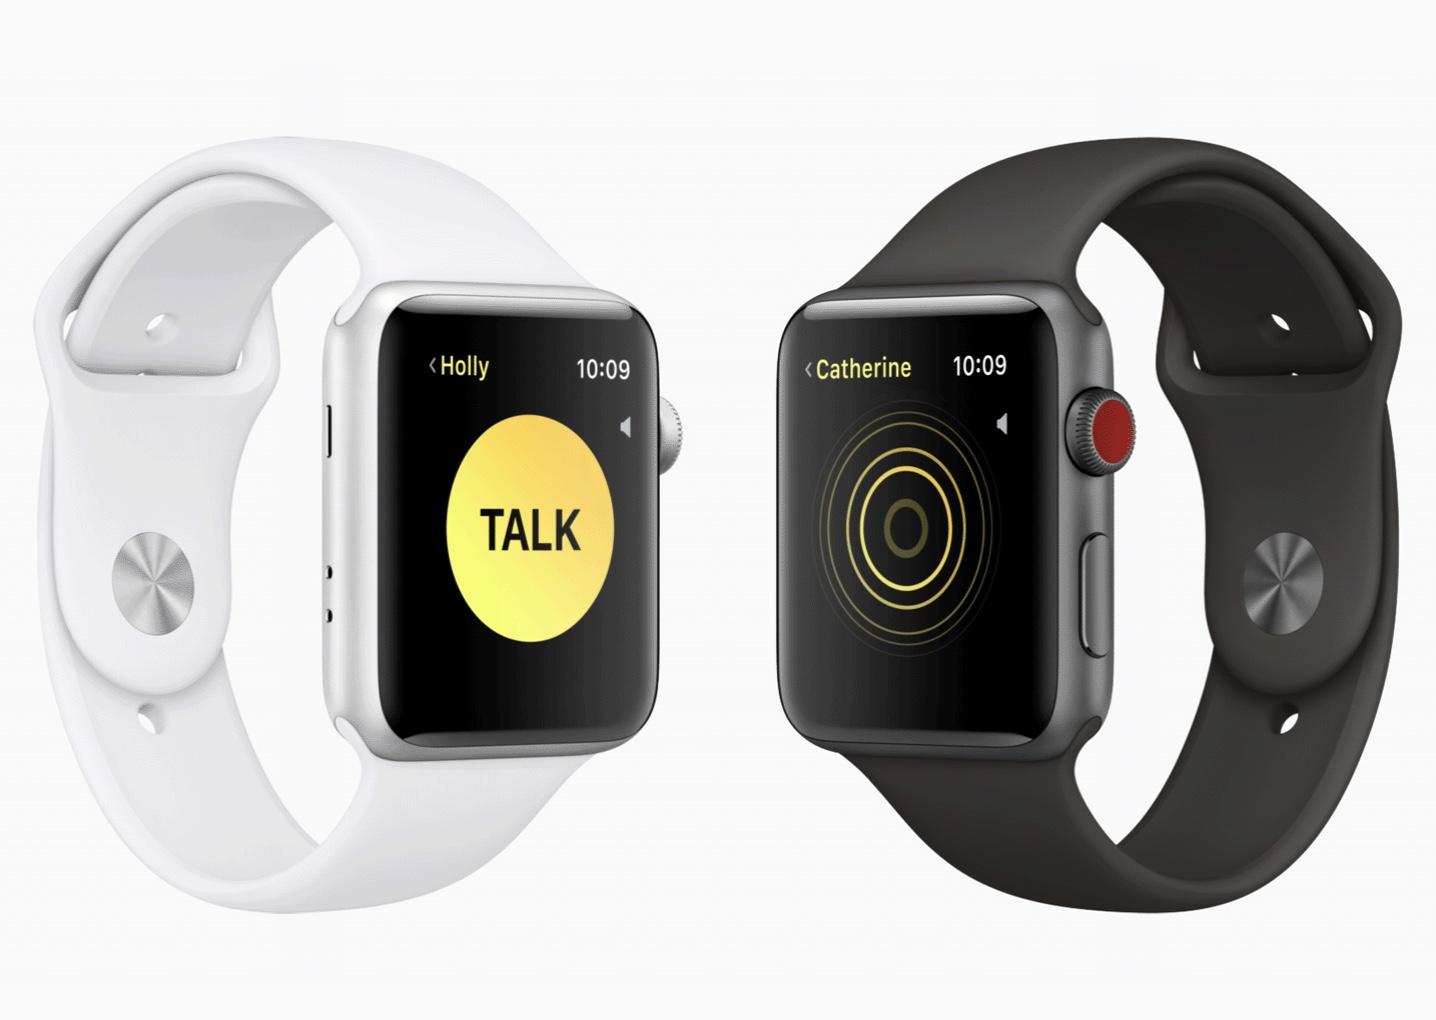 WWDC: Apple debuts watchOS 5